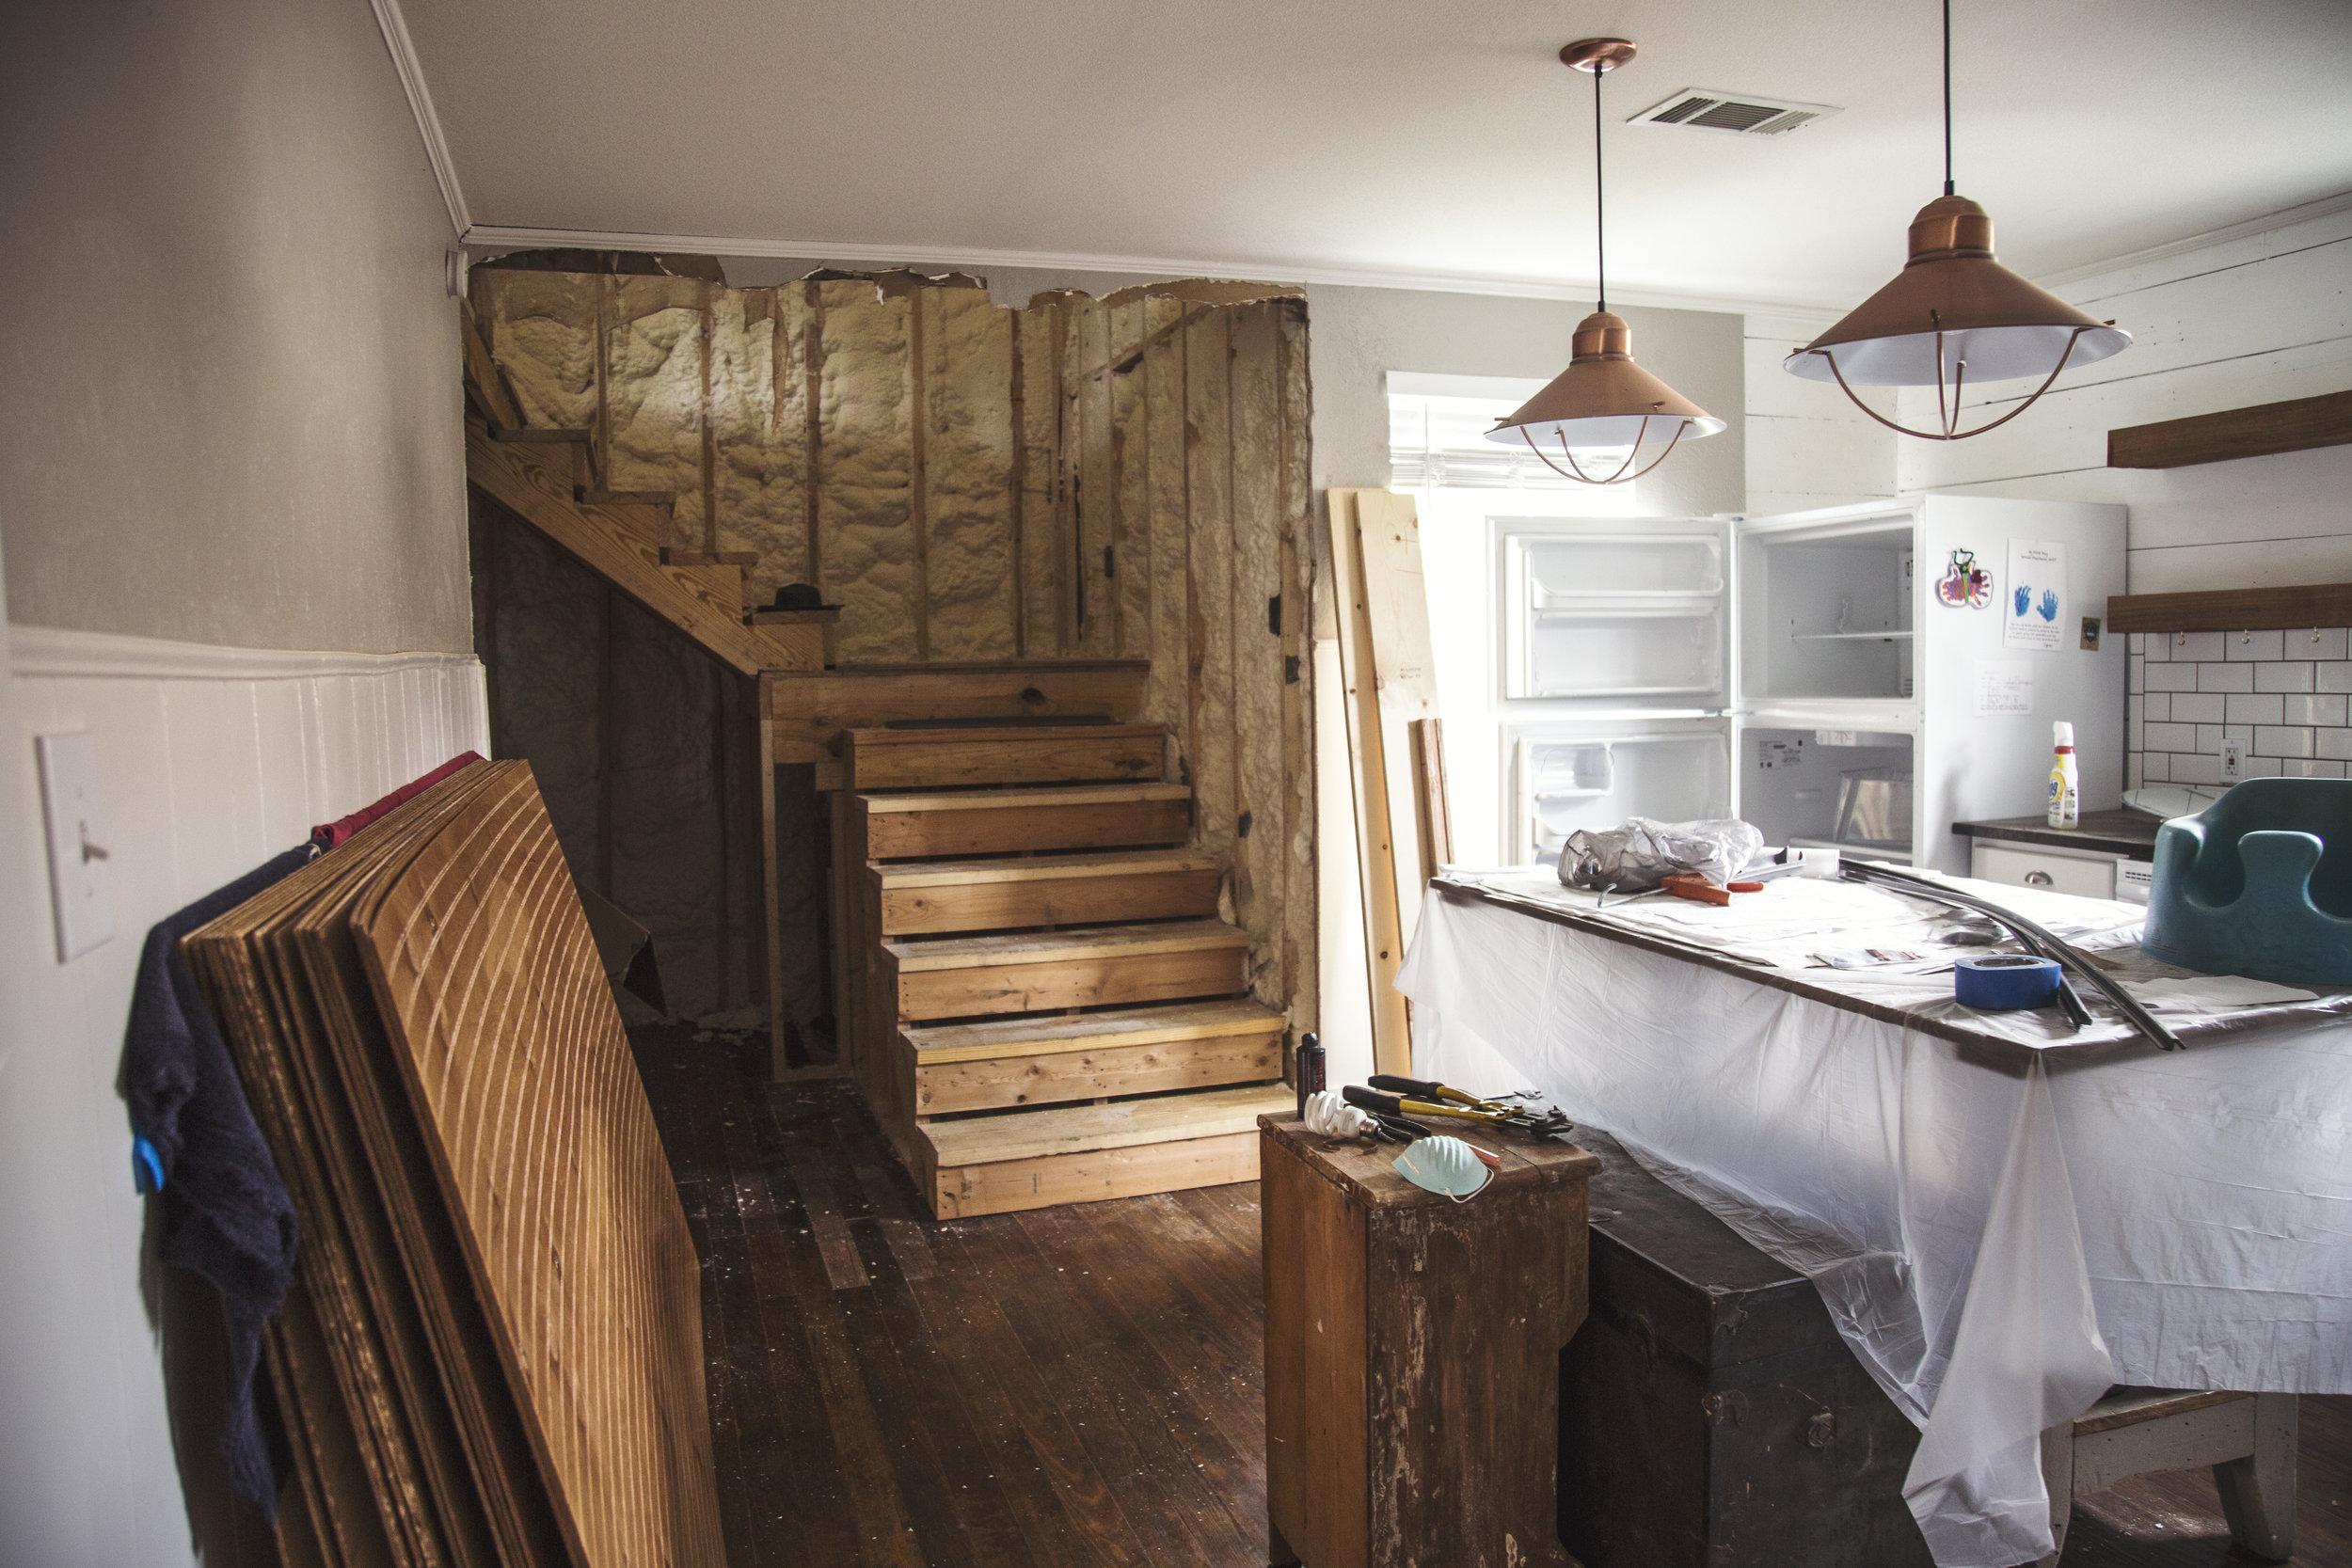 Matt and Alyssa's loft renovation (in progress)